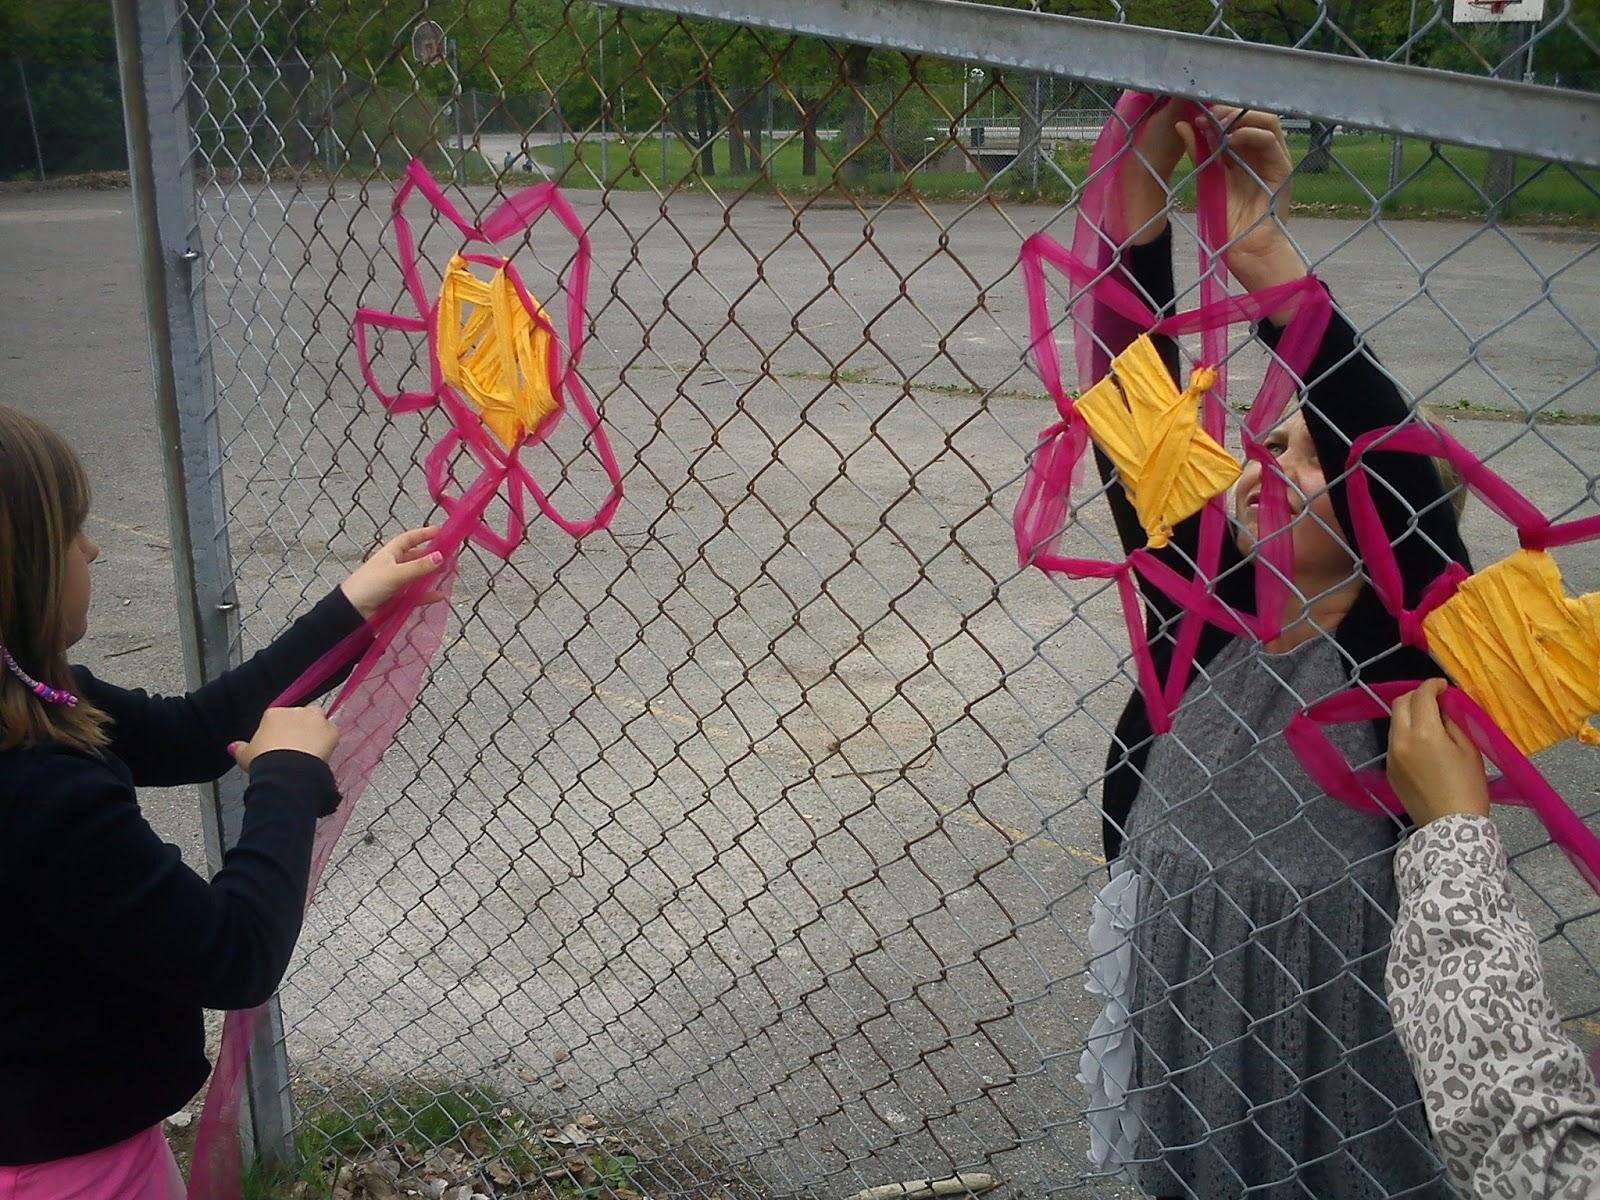 Bergfotens fritids: vävning på staket